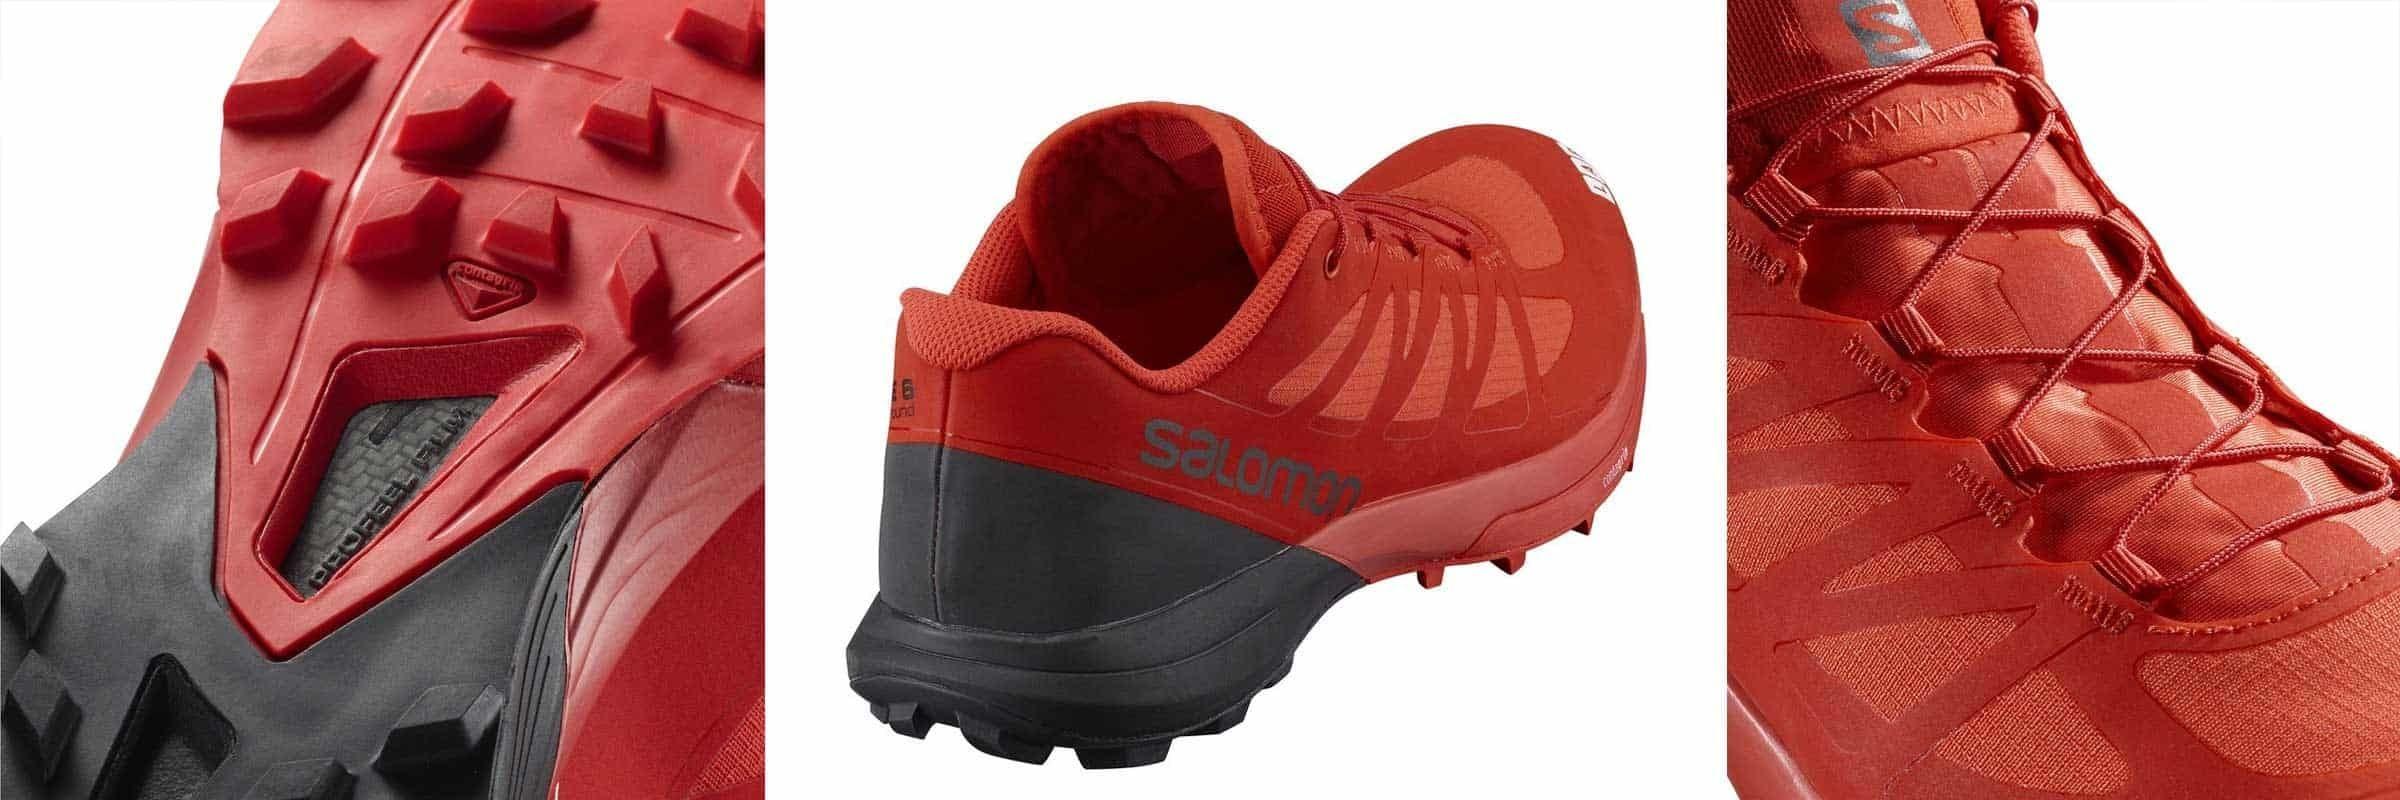 s-lab sense shoe